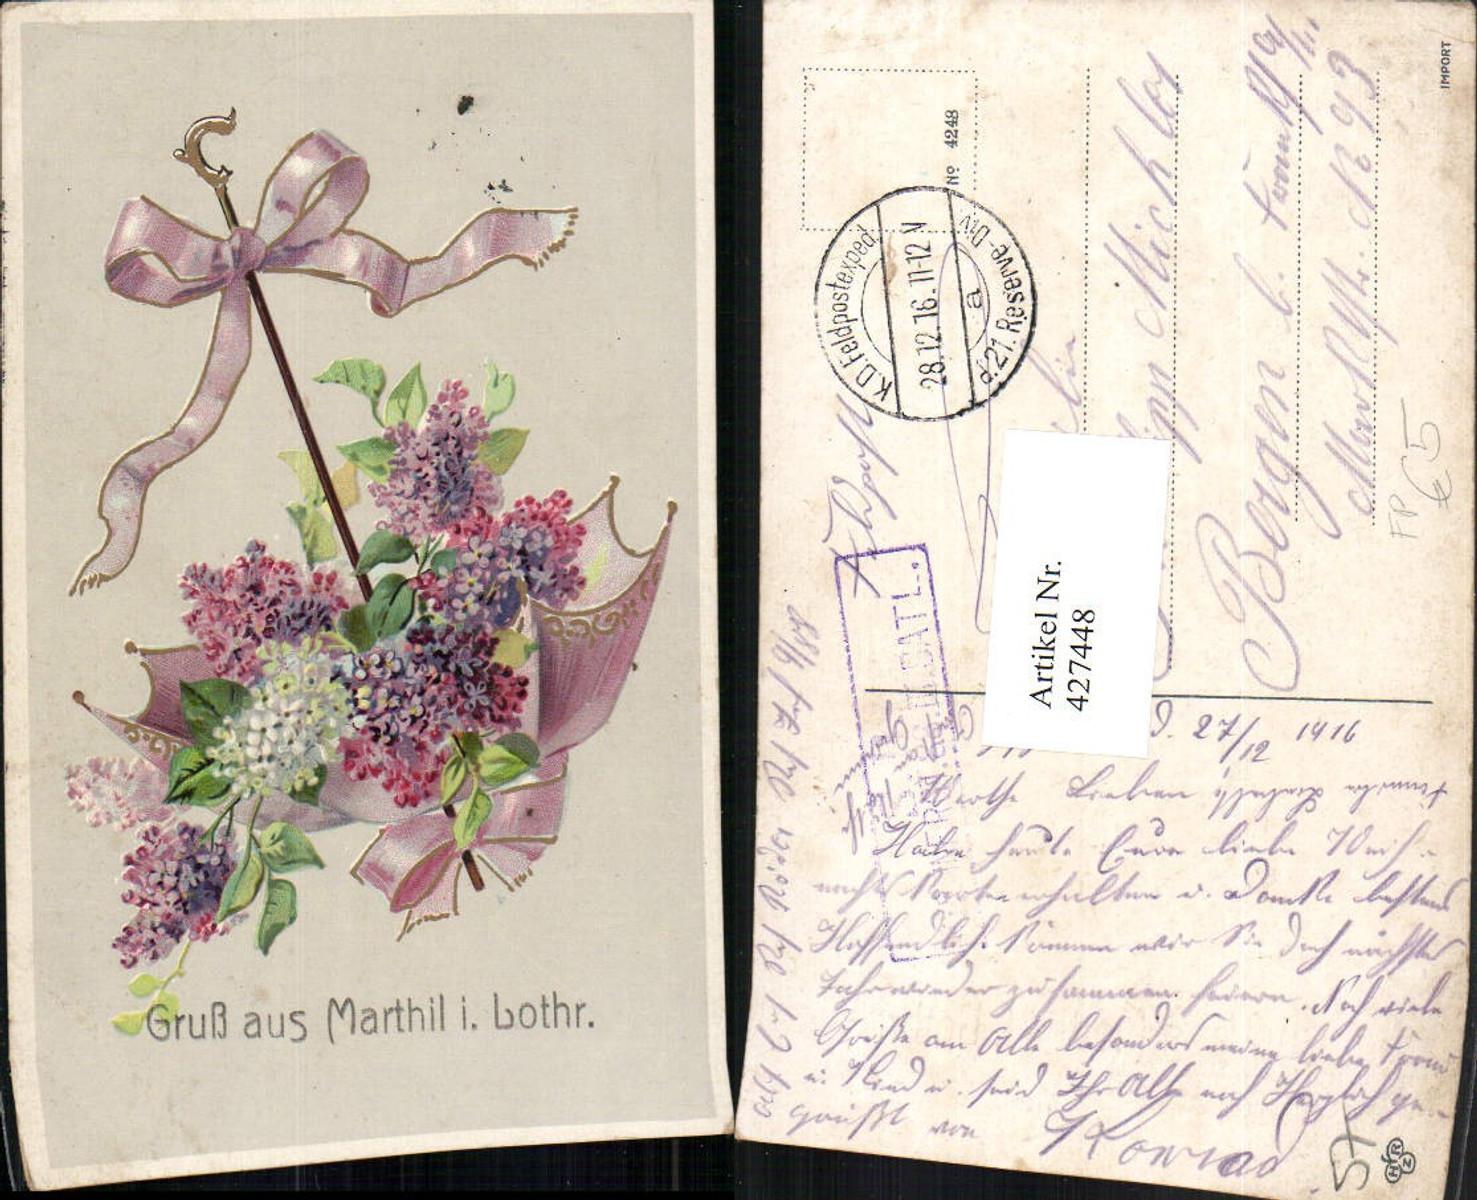 427448,Lothringen Moselle Gruß aus Marthil Blumen Schirm Feldpost 21. Reserve Division günstig online kaufen